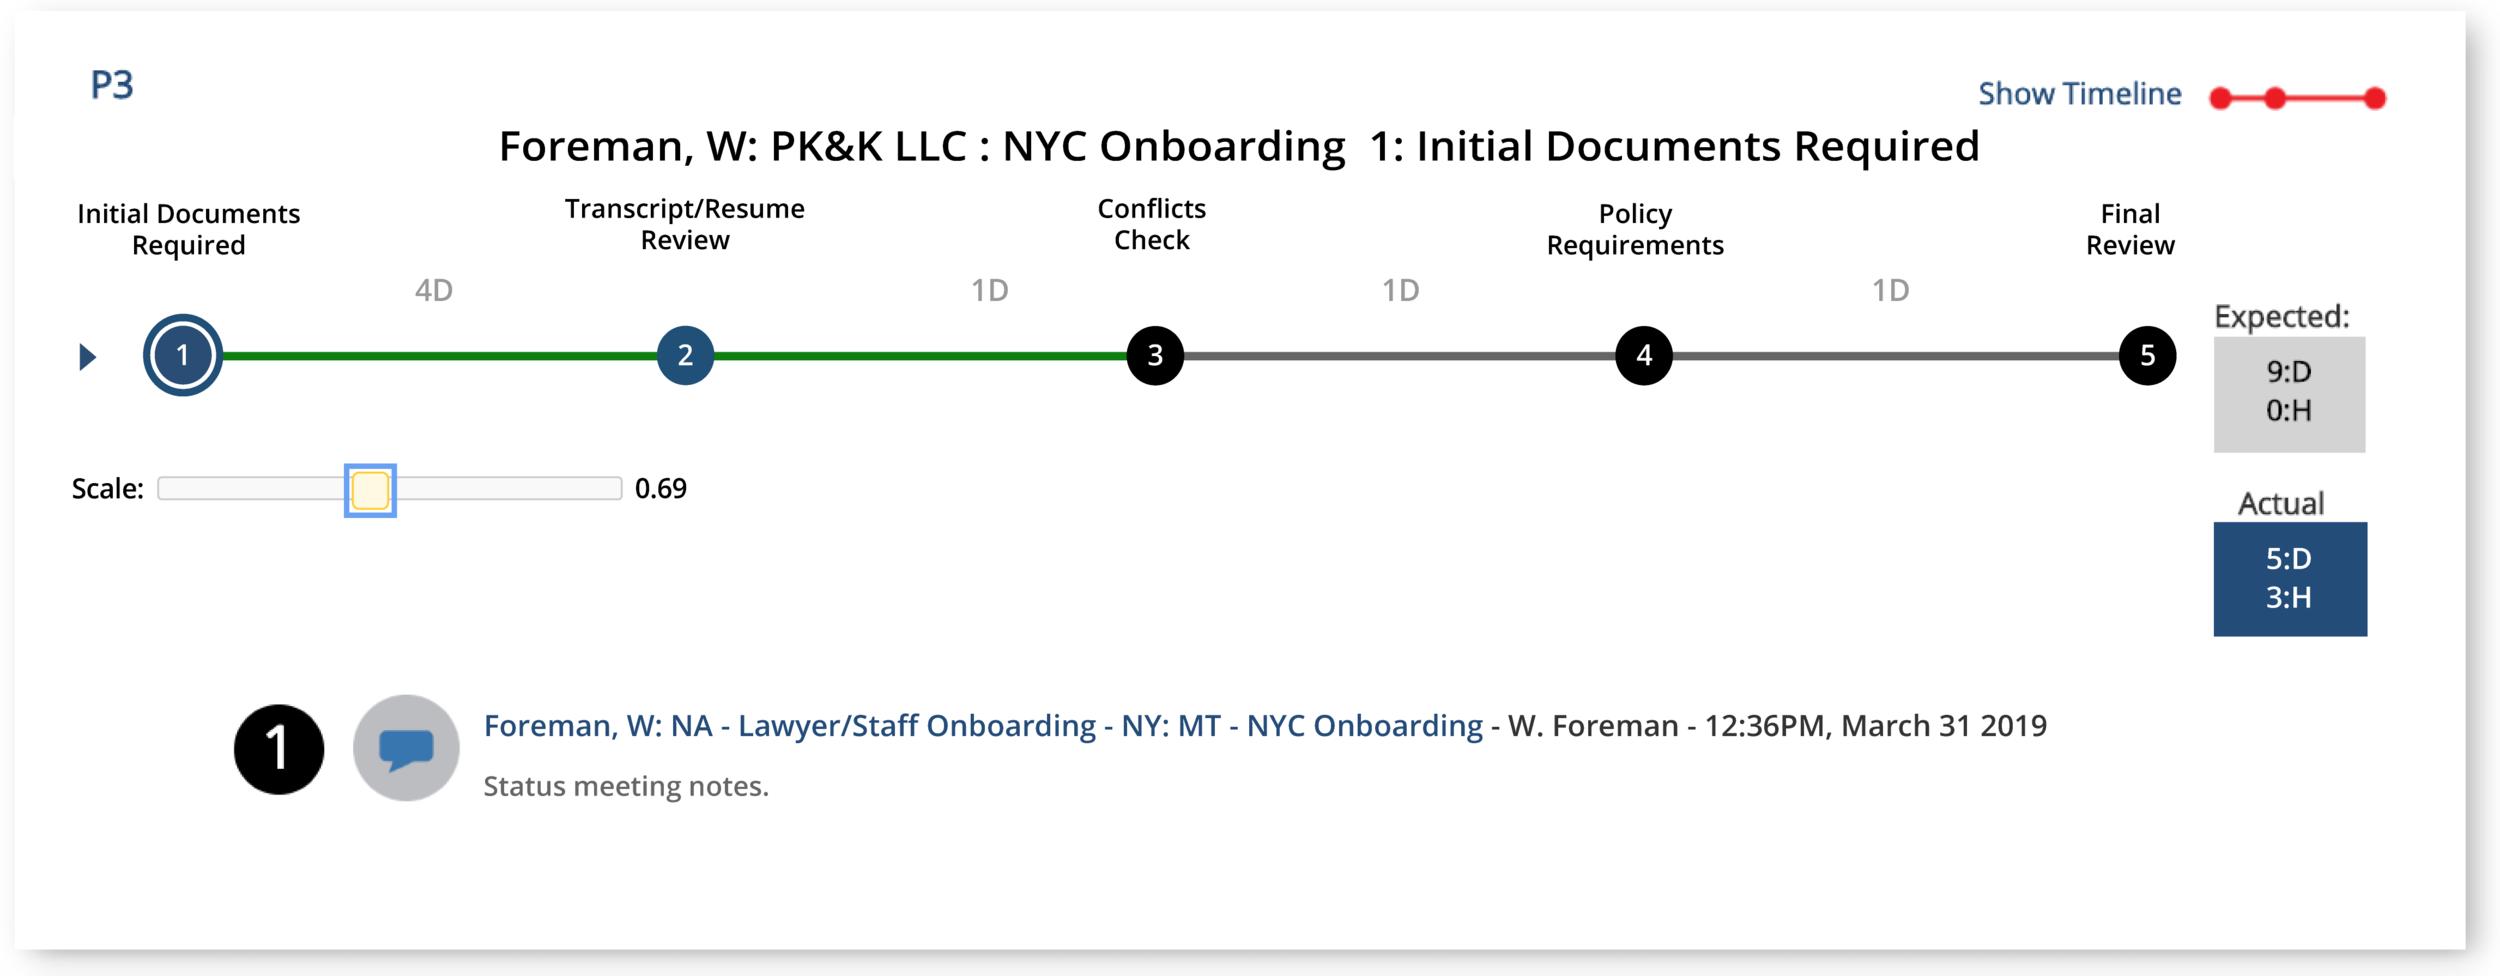 mot-r employee onboarding slide w shadow Apr 2 2019 v1.1.png